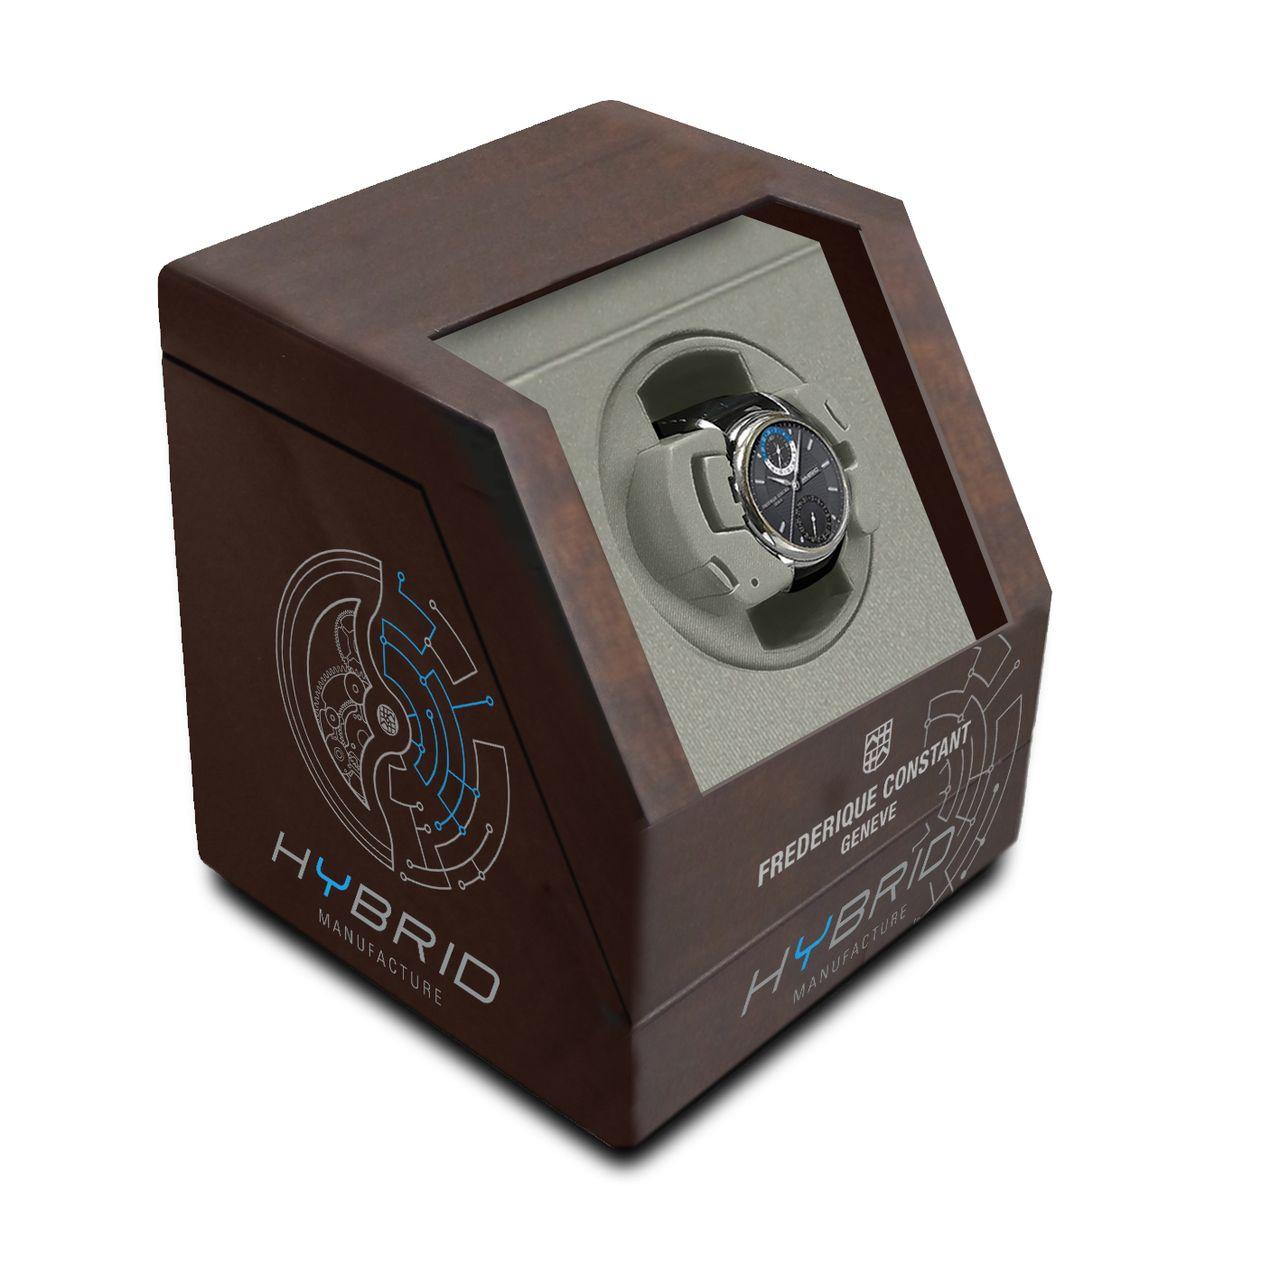 Frédérique Constant Hybrid Manufacture - az óra mechanikus és elektronikus részét is ellátja energiával